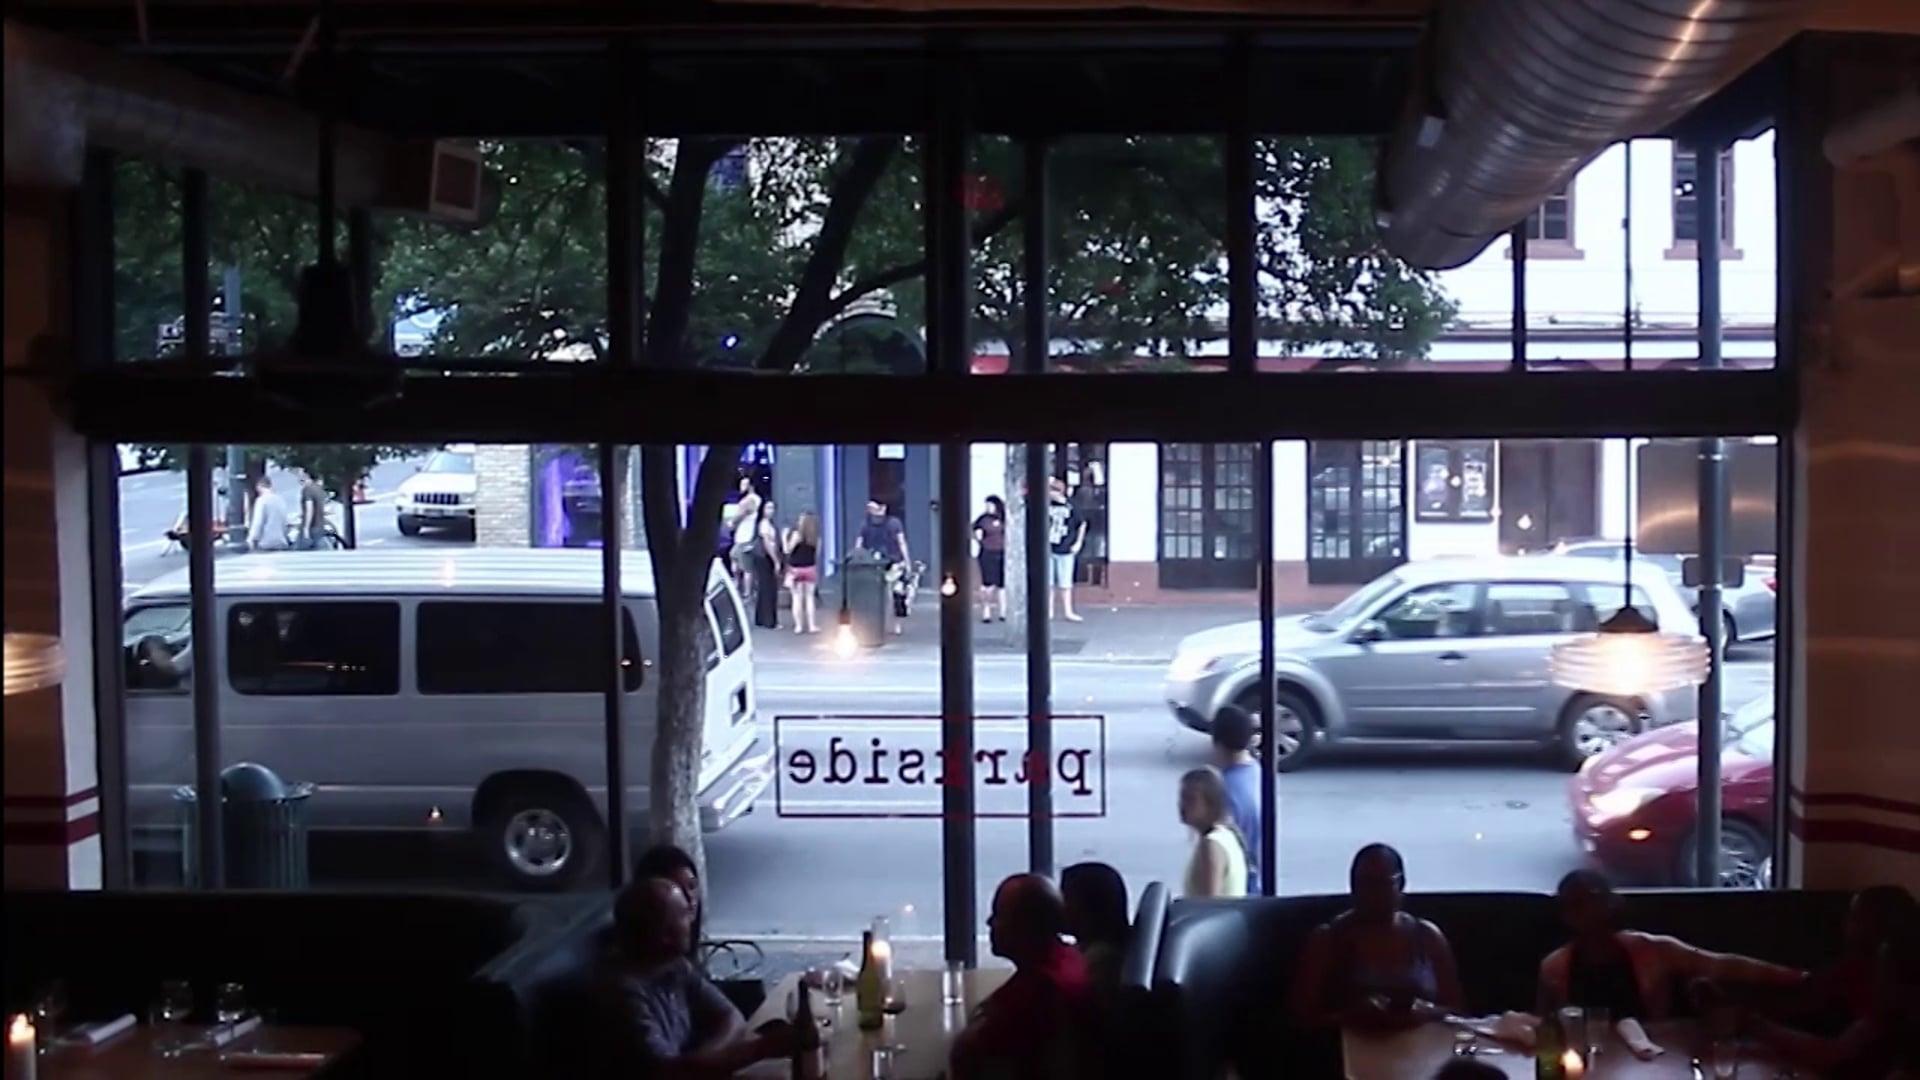 The Sidewalk (6th Street)